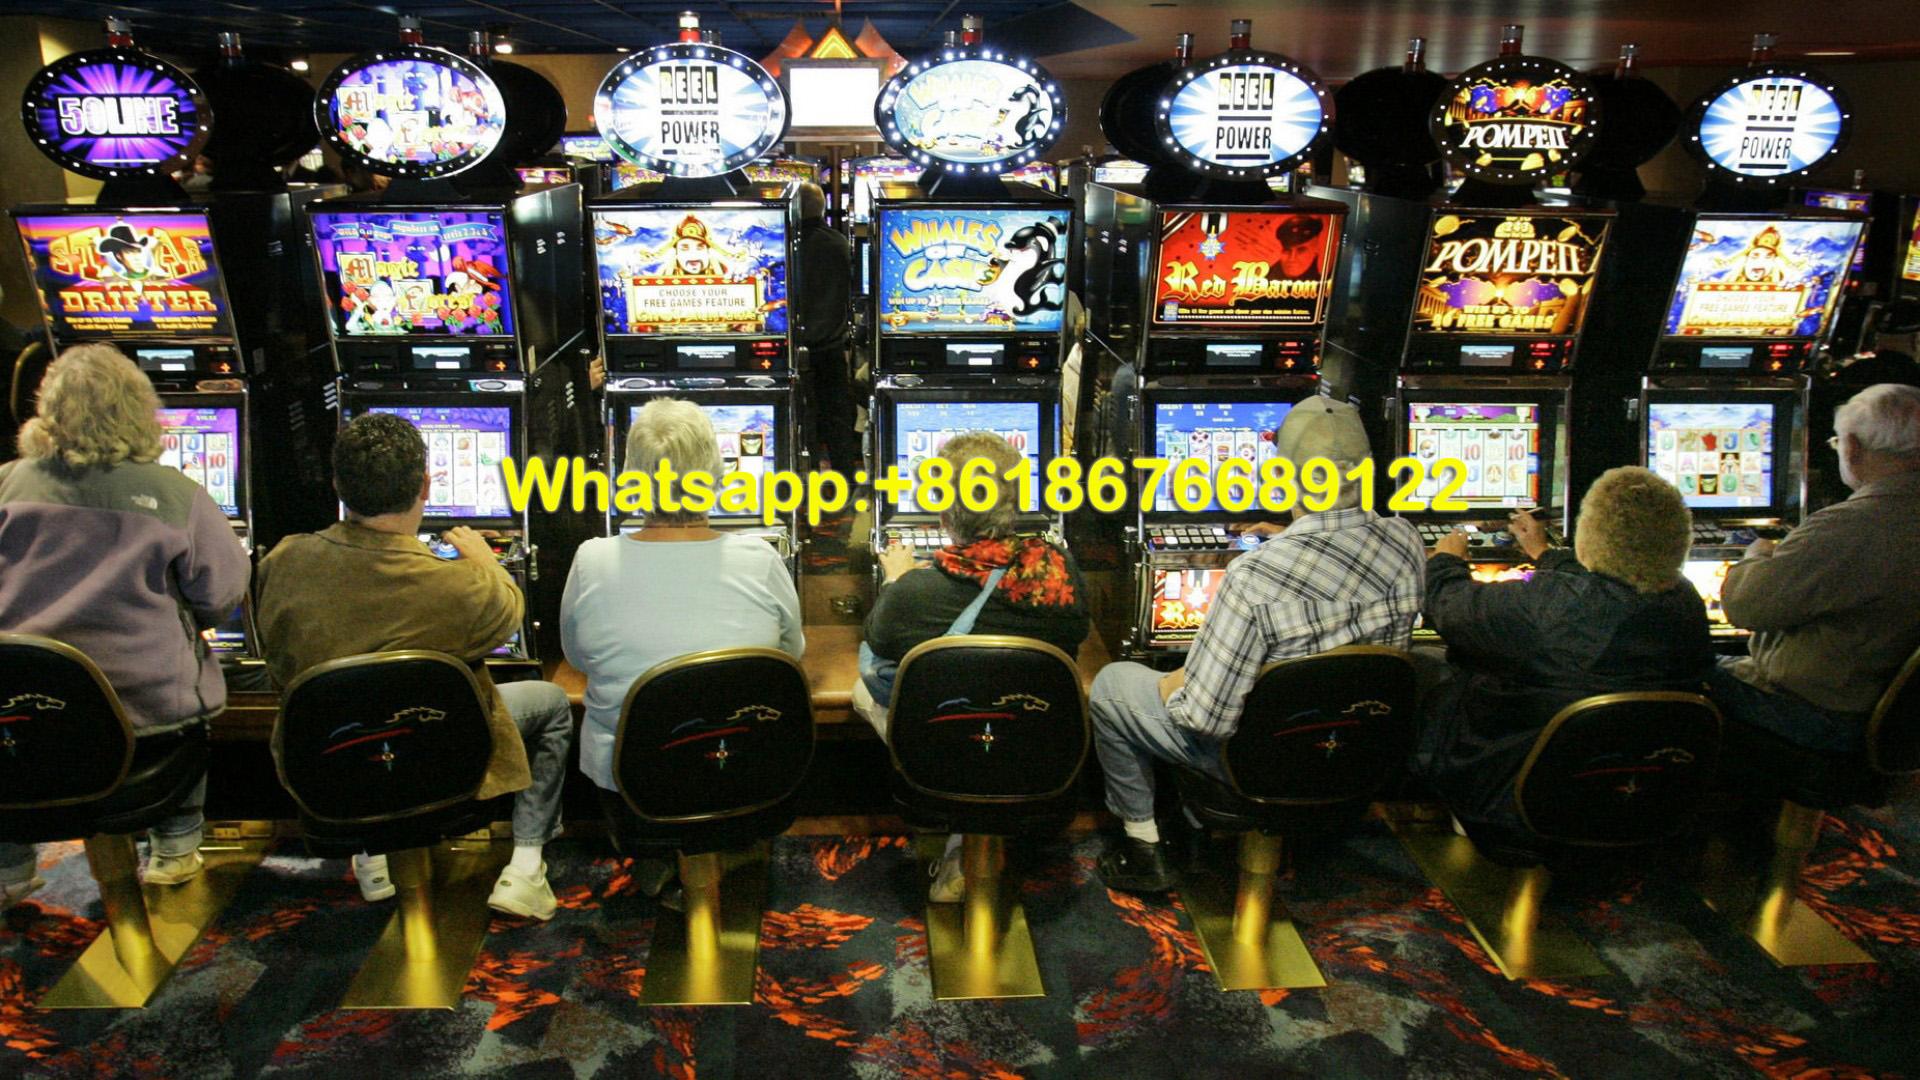 Emp Jammer Schema Elettrico Gratis : Slot machine jammer schematische free casino games